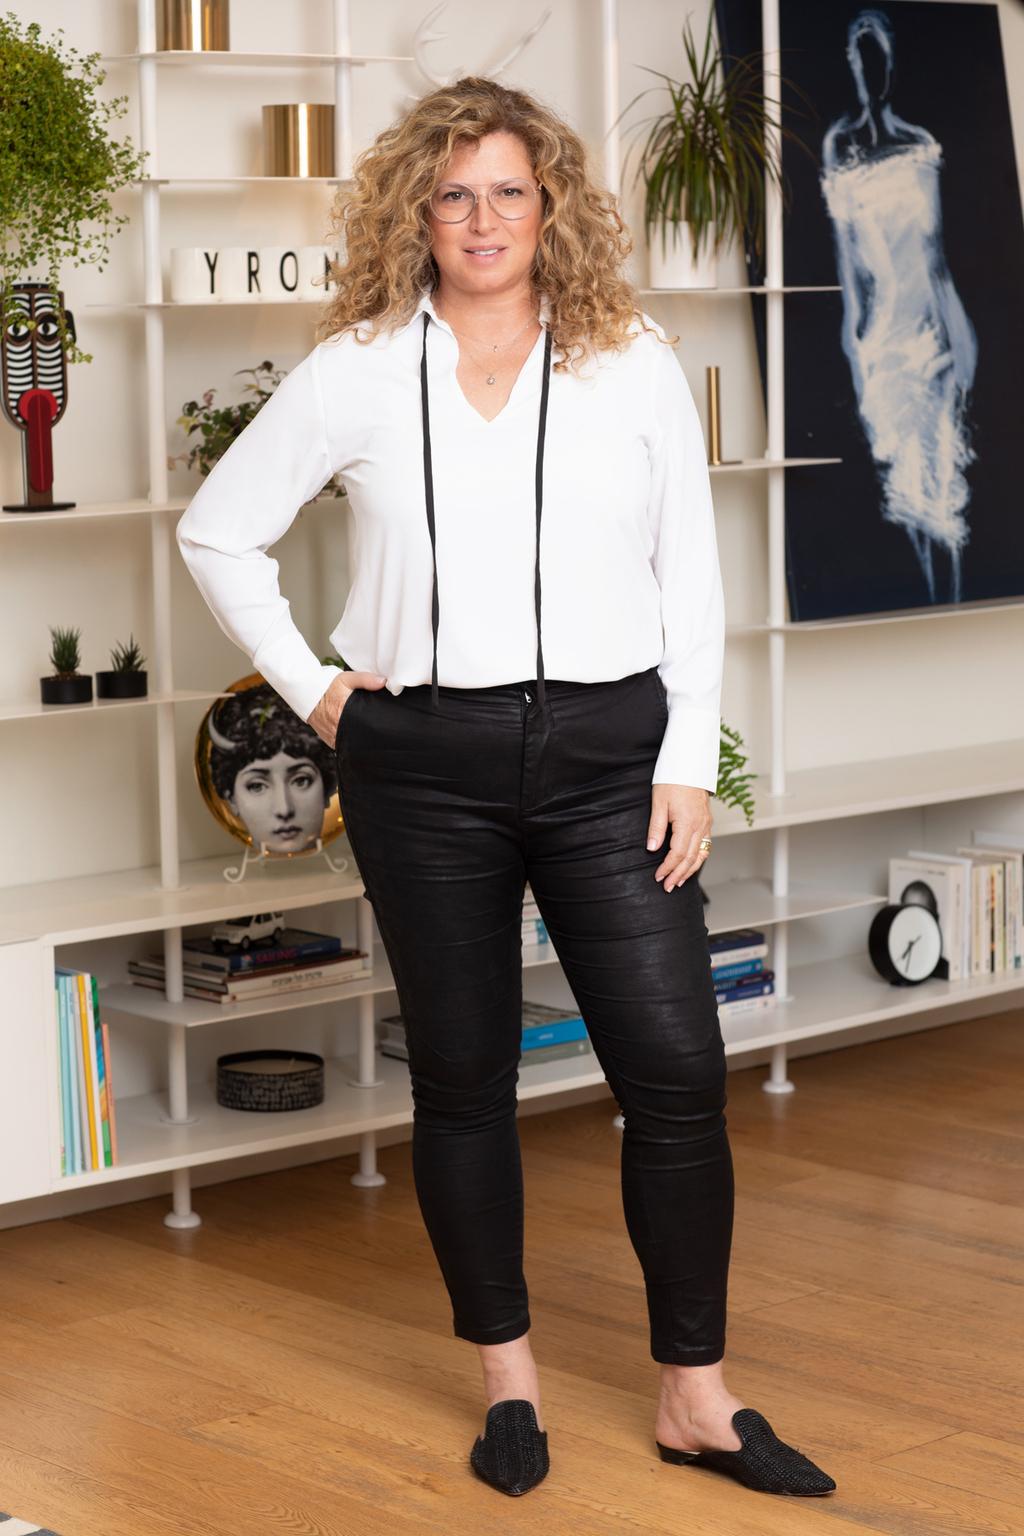 רונית אטד מנכלית מיקרוסופט ישראל